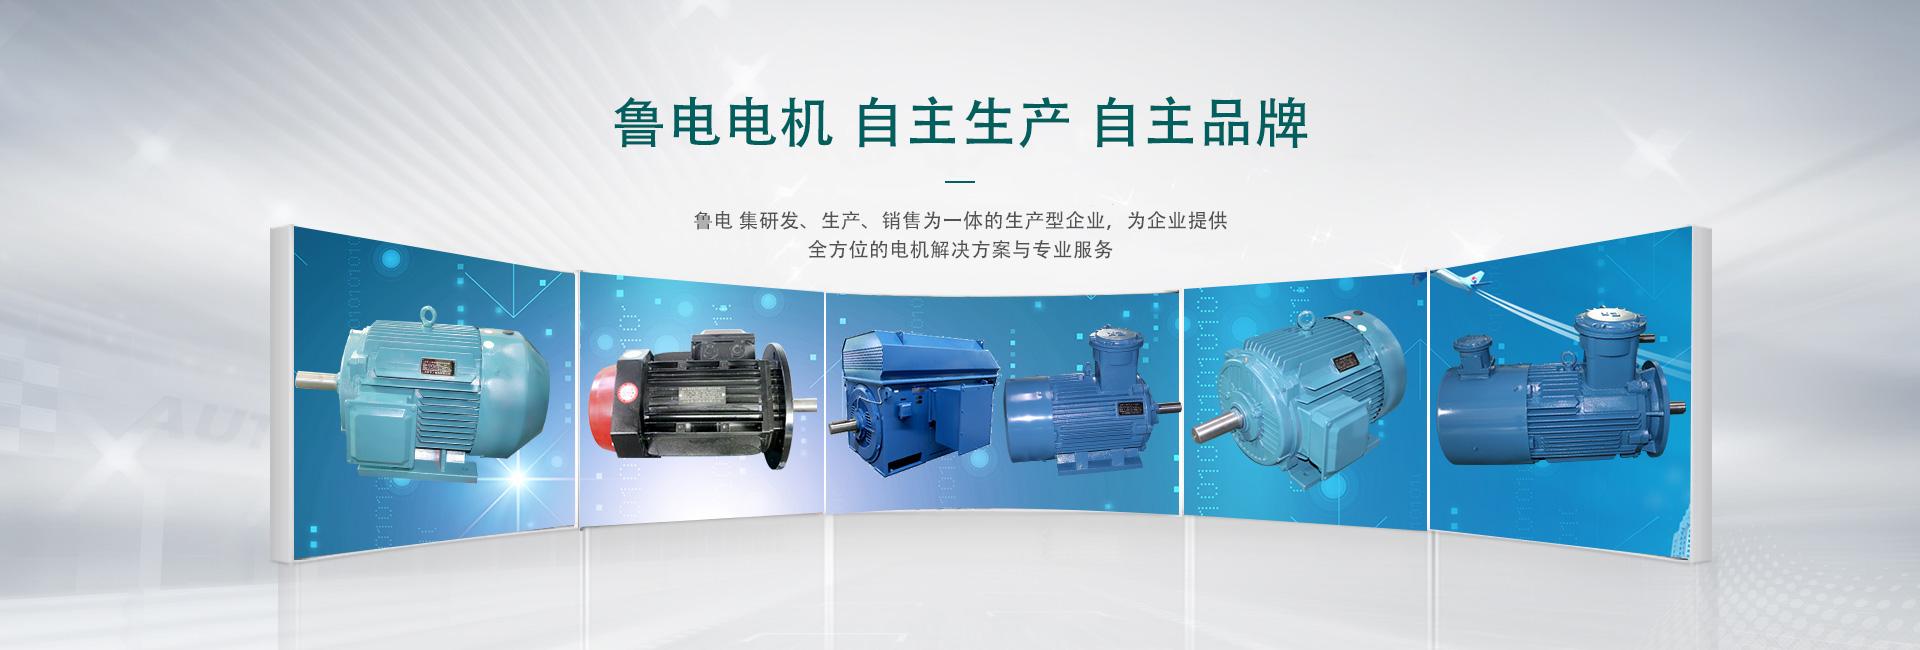 高压电机维修流程及标准